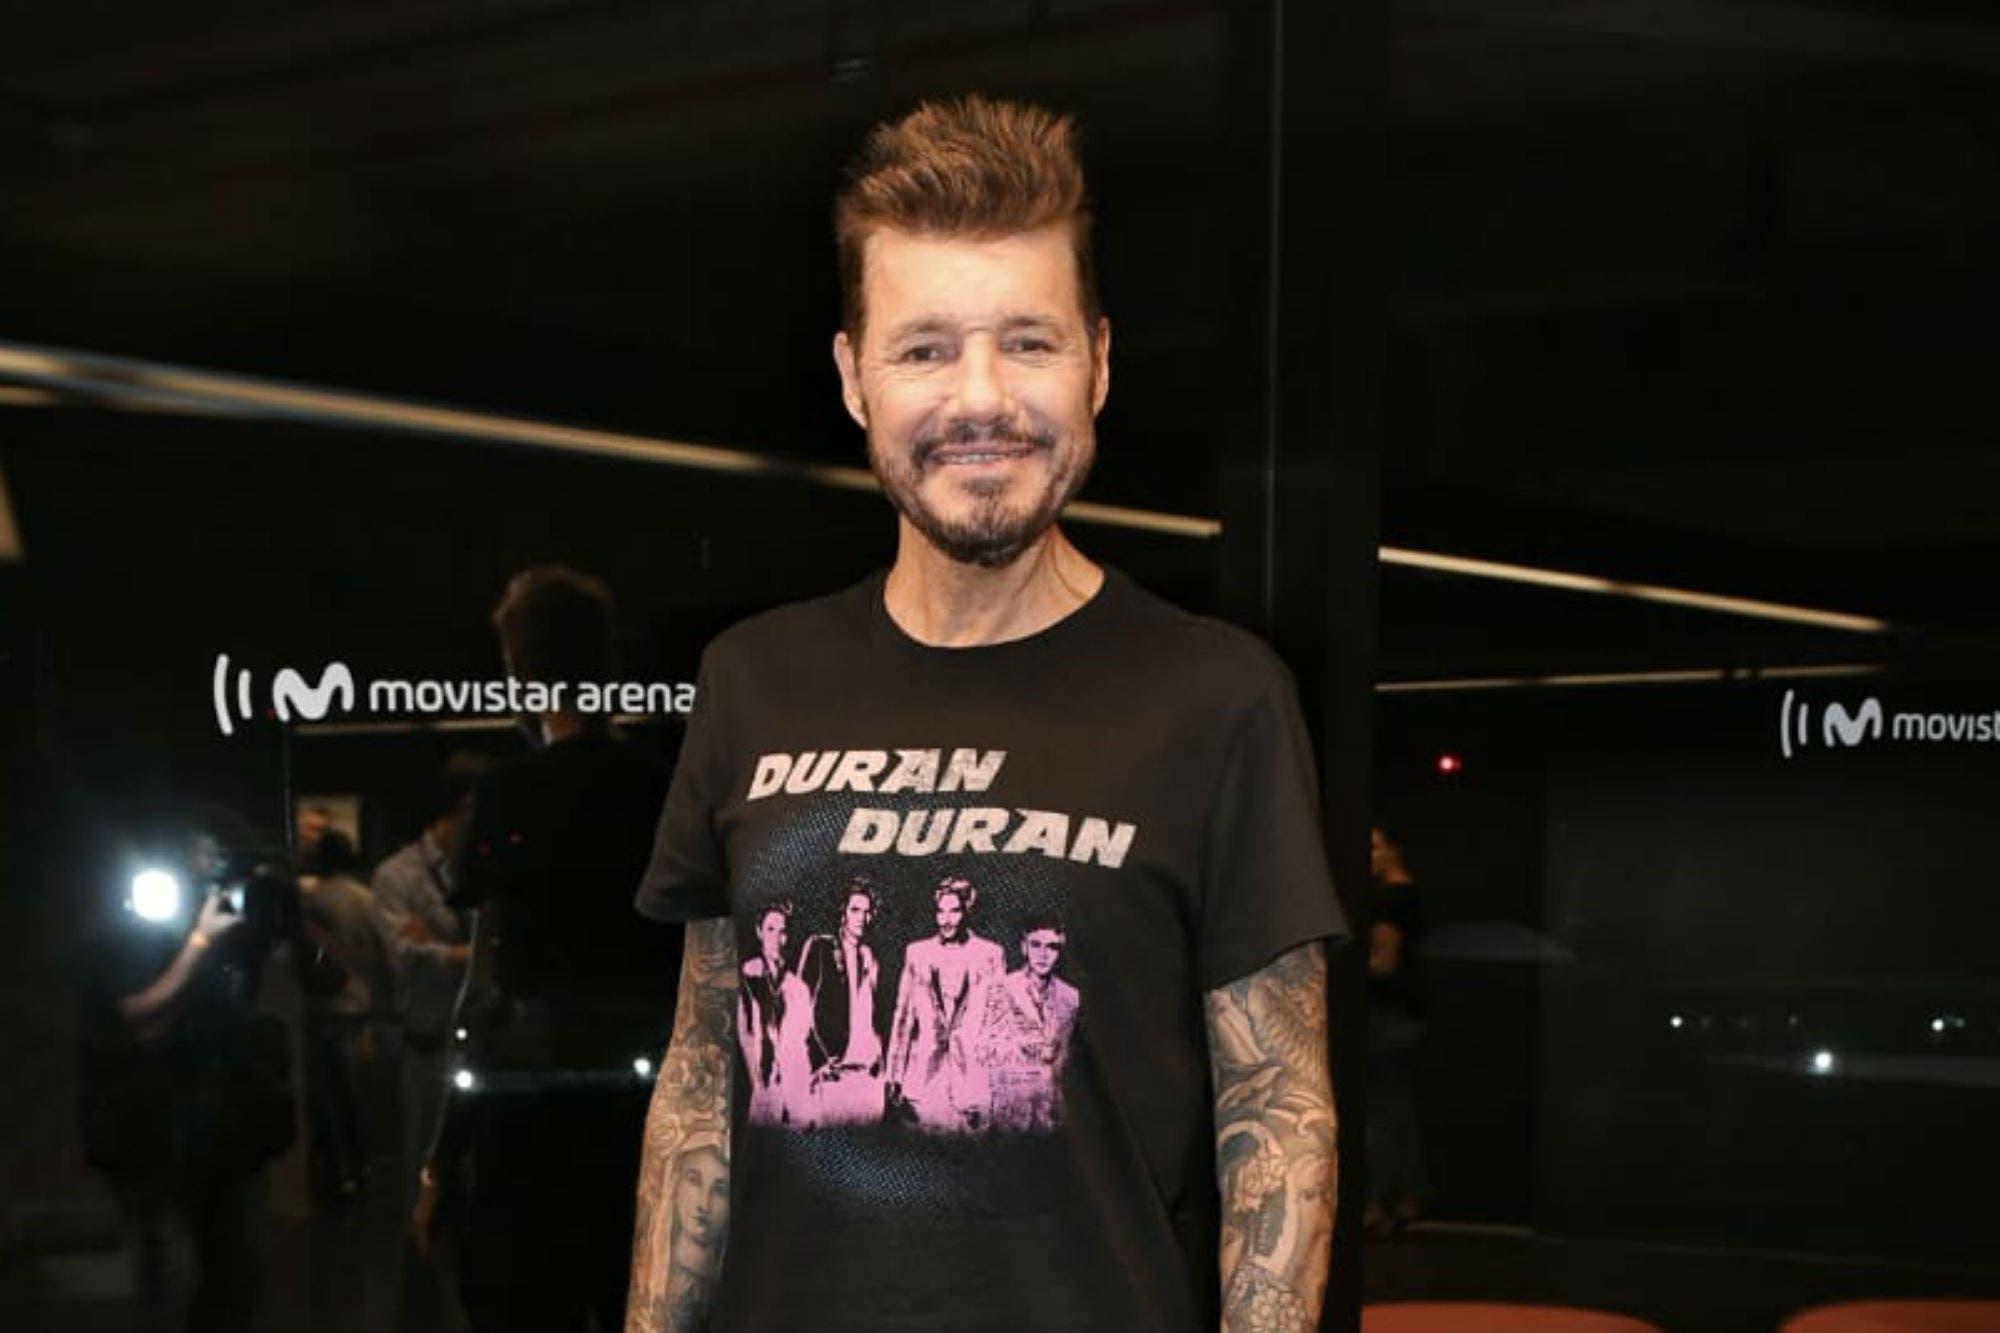 Los looks de los famosos en el show de Ricky Martin en la Argentina